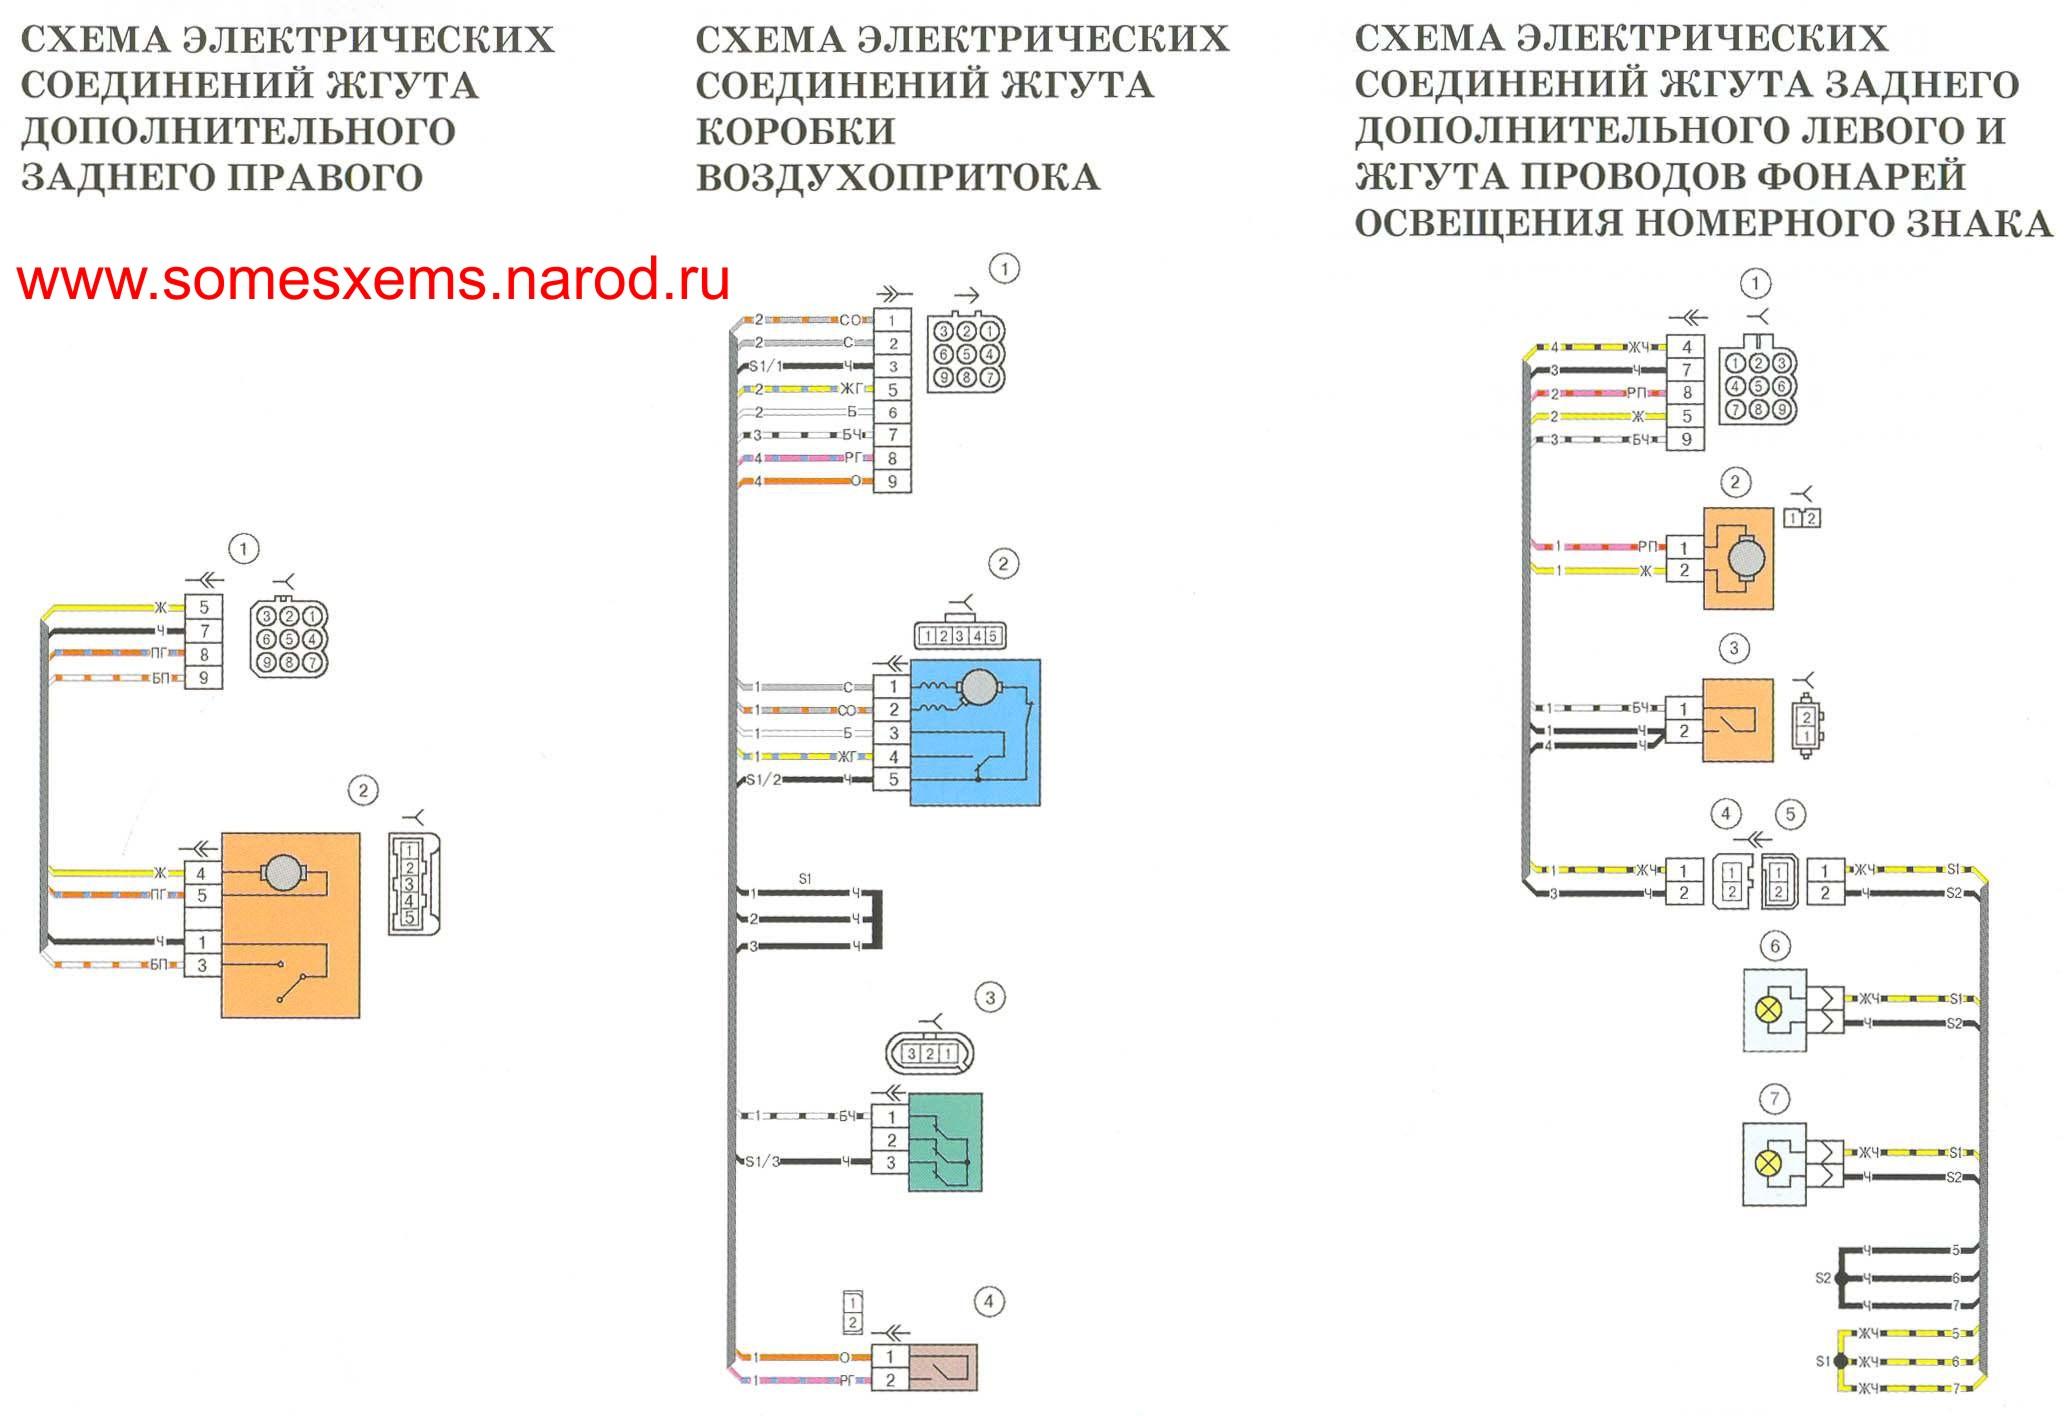 14 июл 2012 Схема электроопроводки Lada Kalina однопроводная с Схема Fiat Albea Основная электропроводка Fiat Albea...